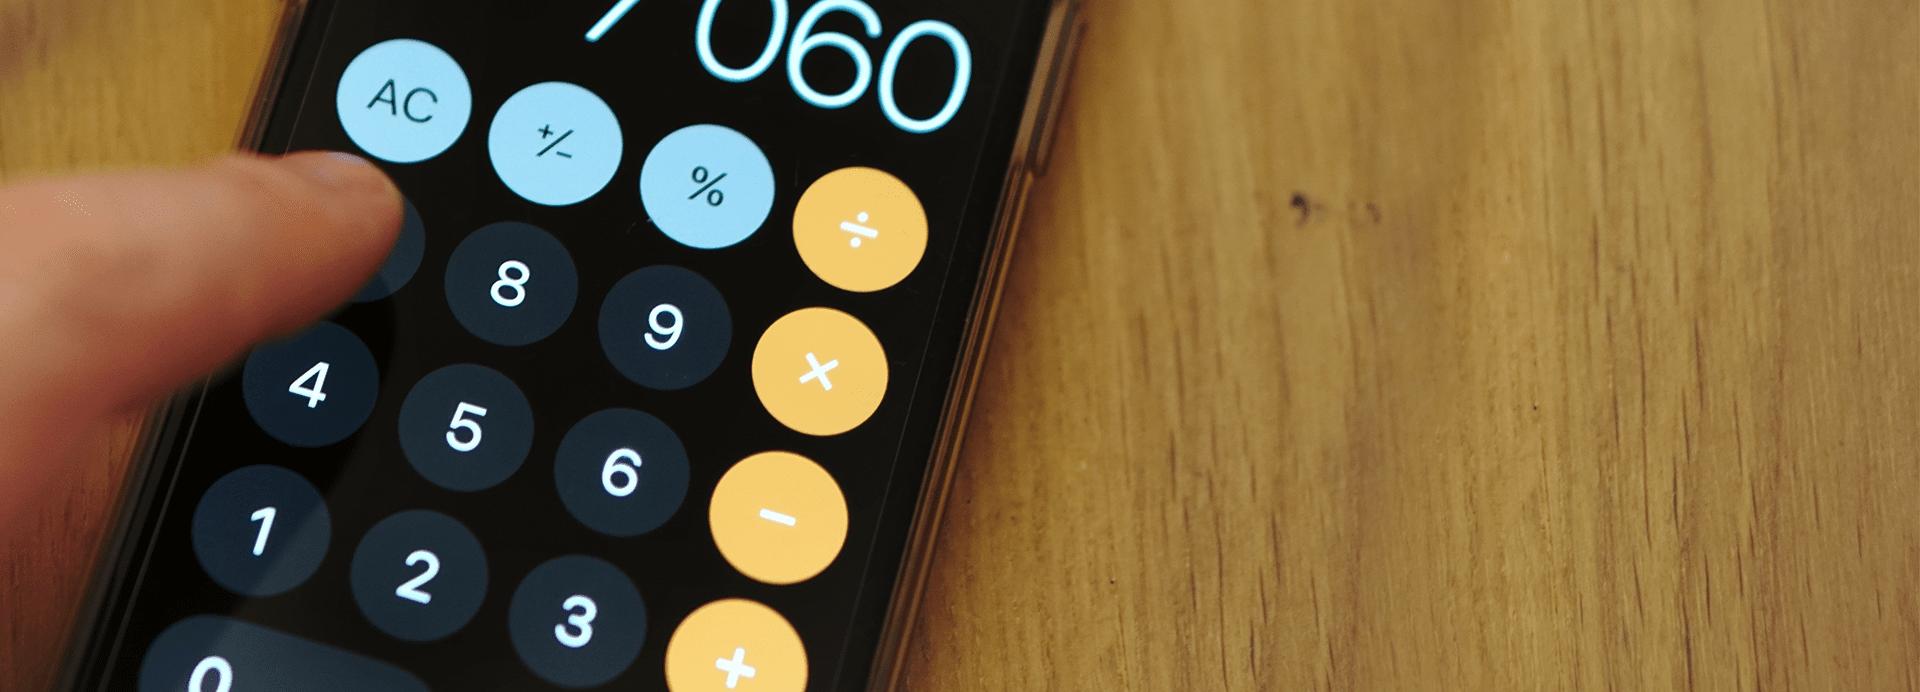 Kosten rechnen auf Taschenrechner